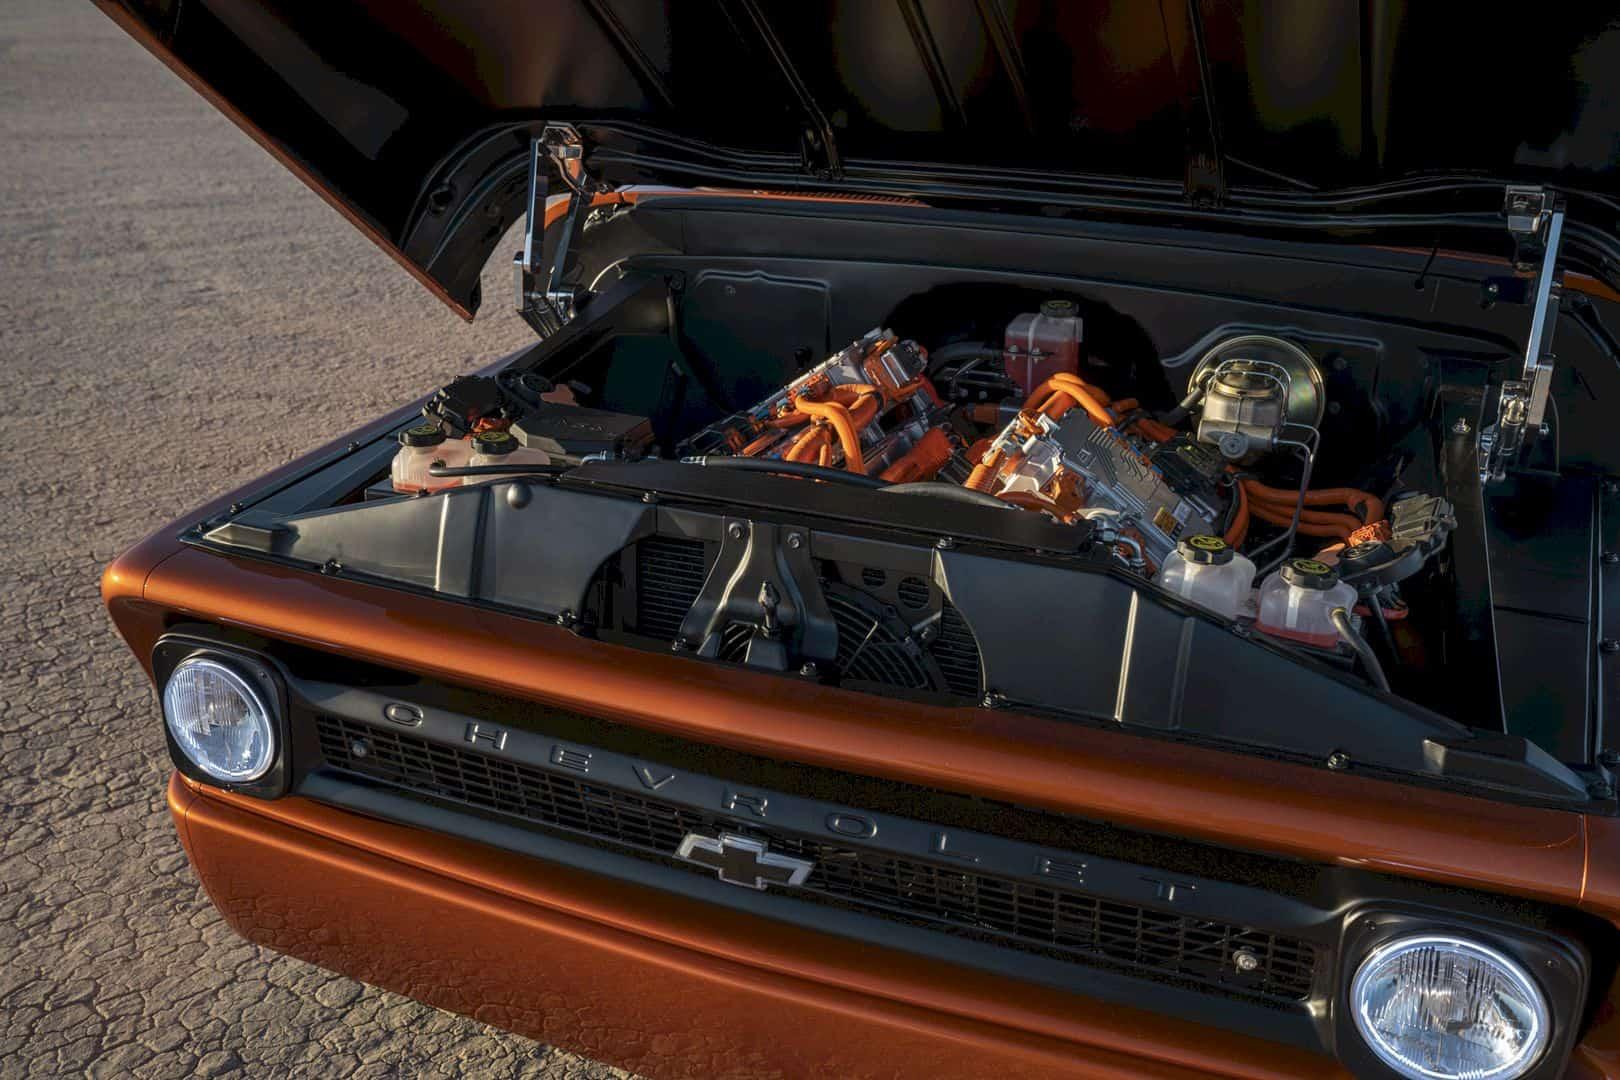 Chevrolet E 10 Concept Electrifies Hot Rodding World 4